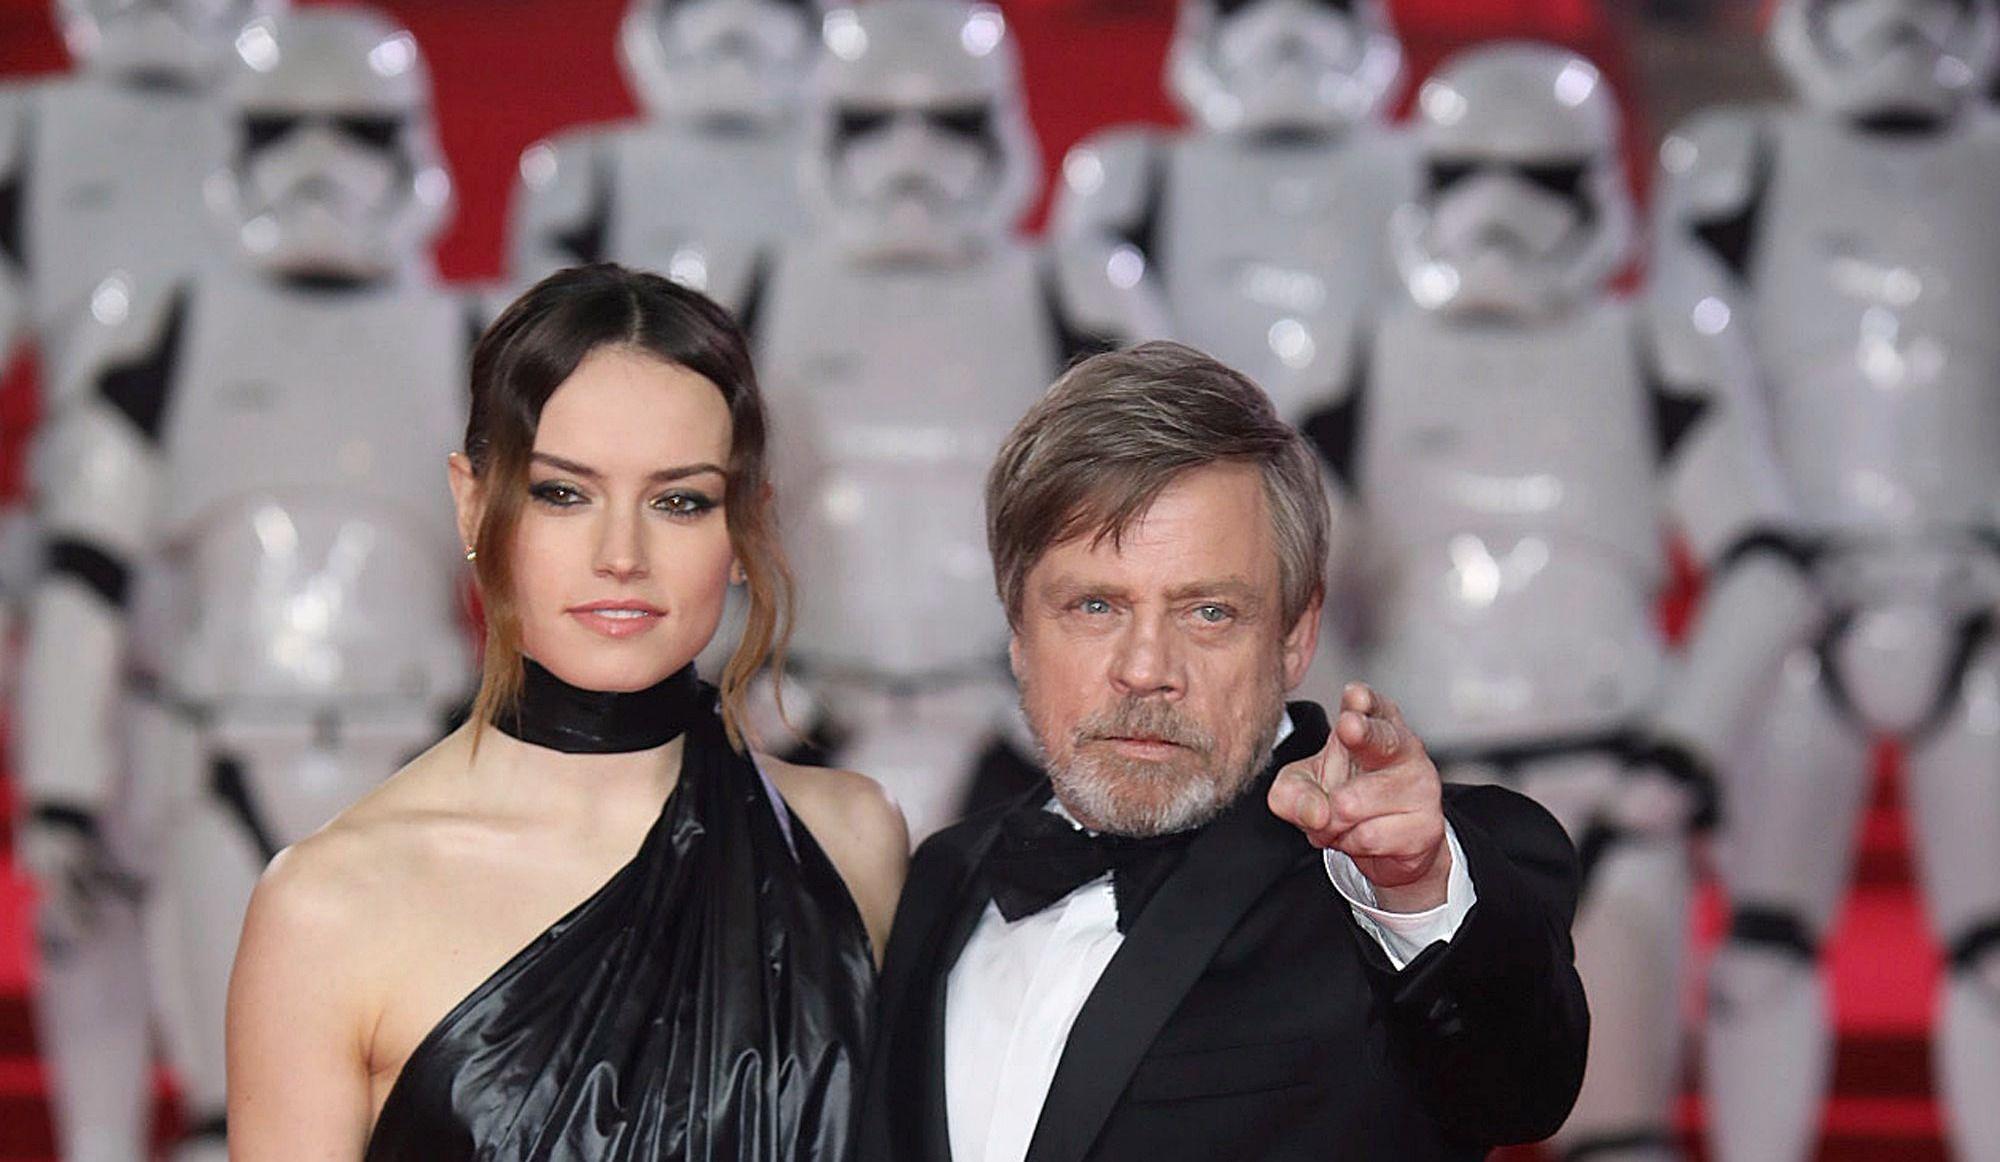 Le nouveau Star Wars débarque cette semaine !